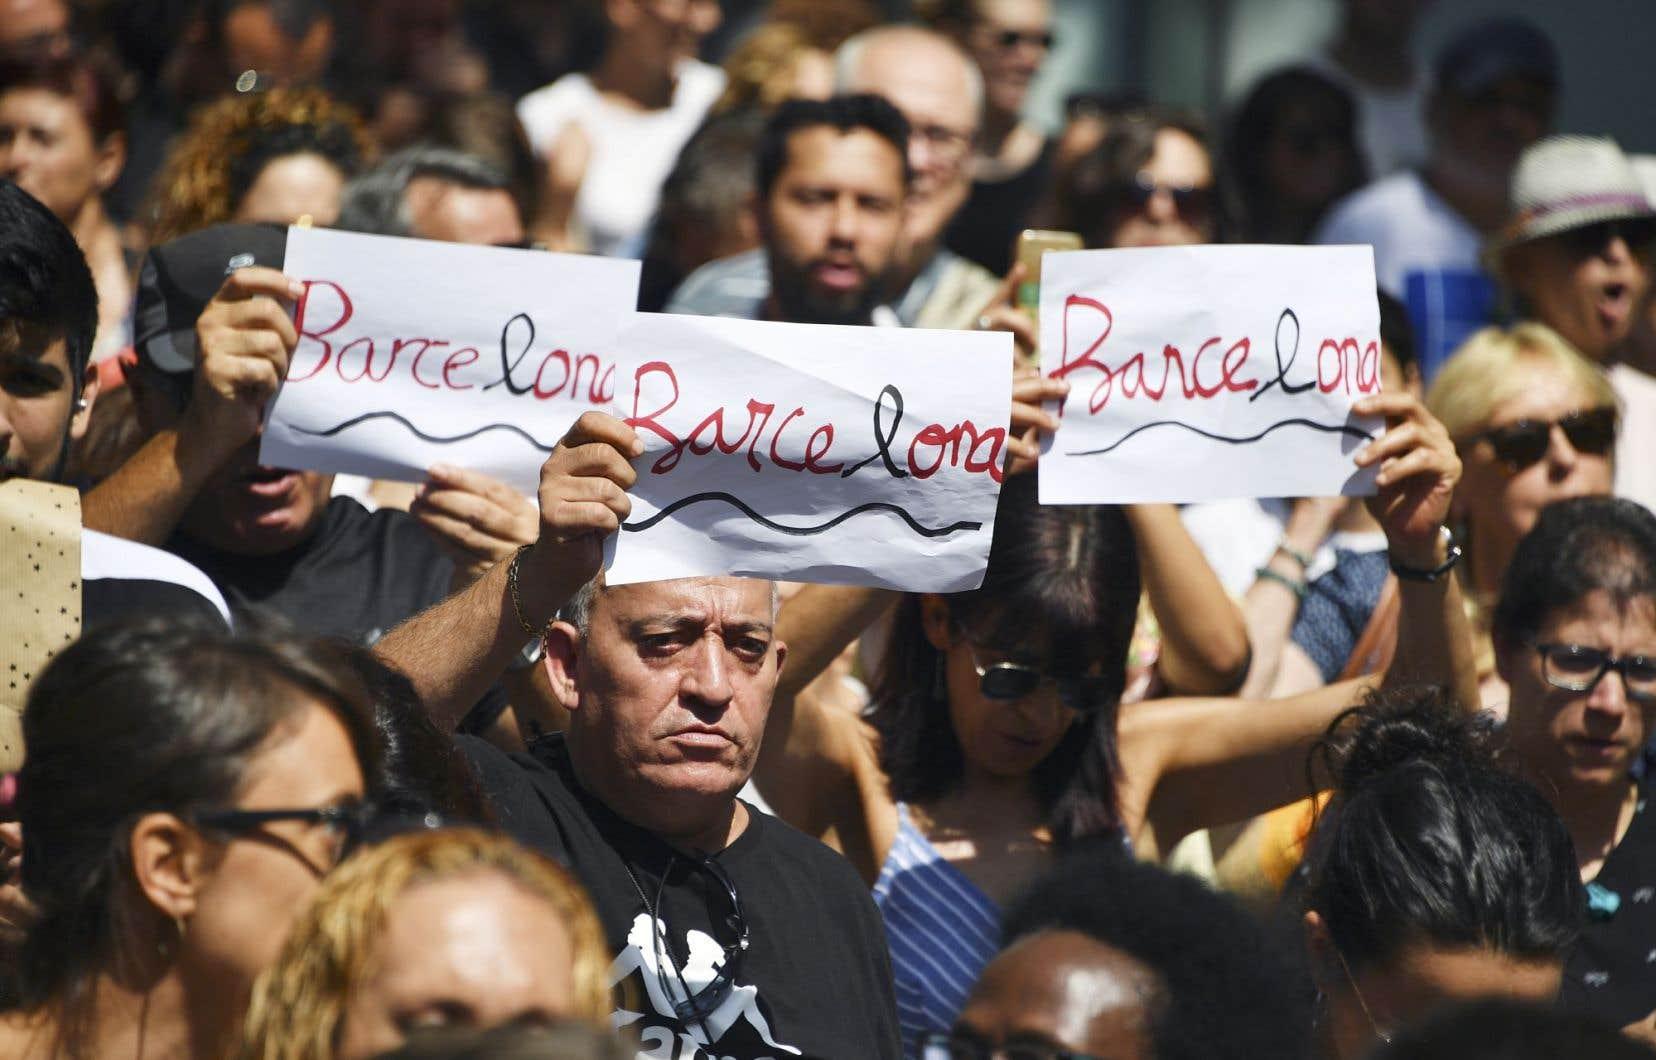 Des milliers de Barcelonais se sont réunis sur la place de Catalogne, sur le coup de midi vendredi, pour démontrer leur soutien aux familles des victimes et affirmer leur détermination à résister à la terreur.